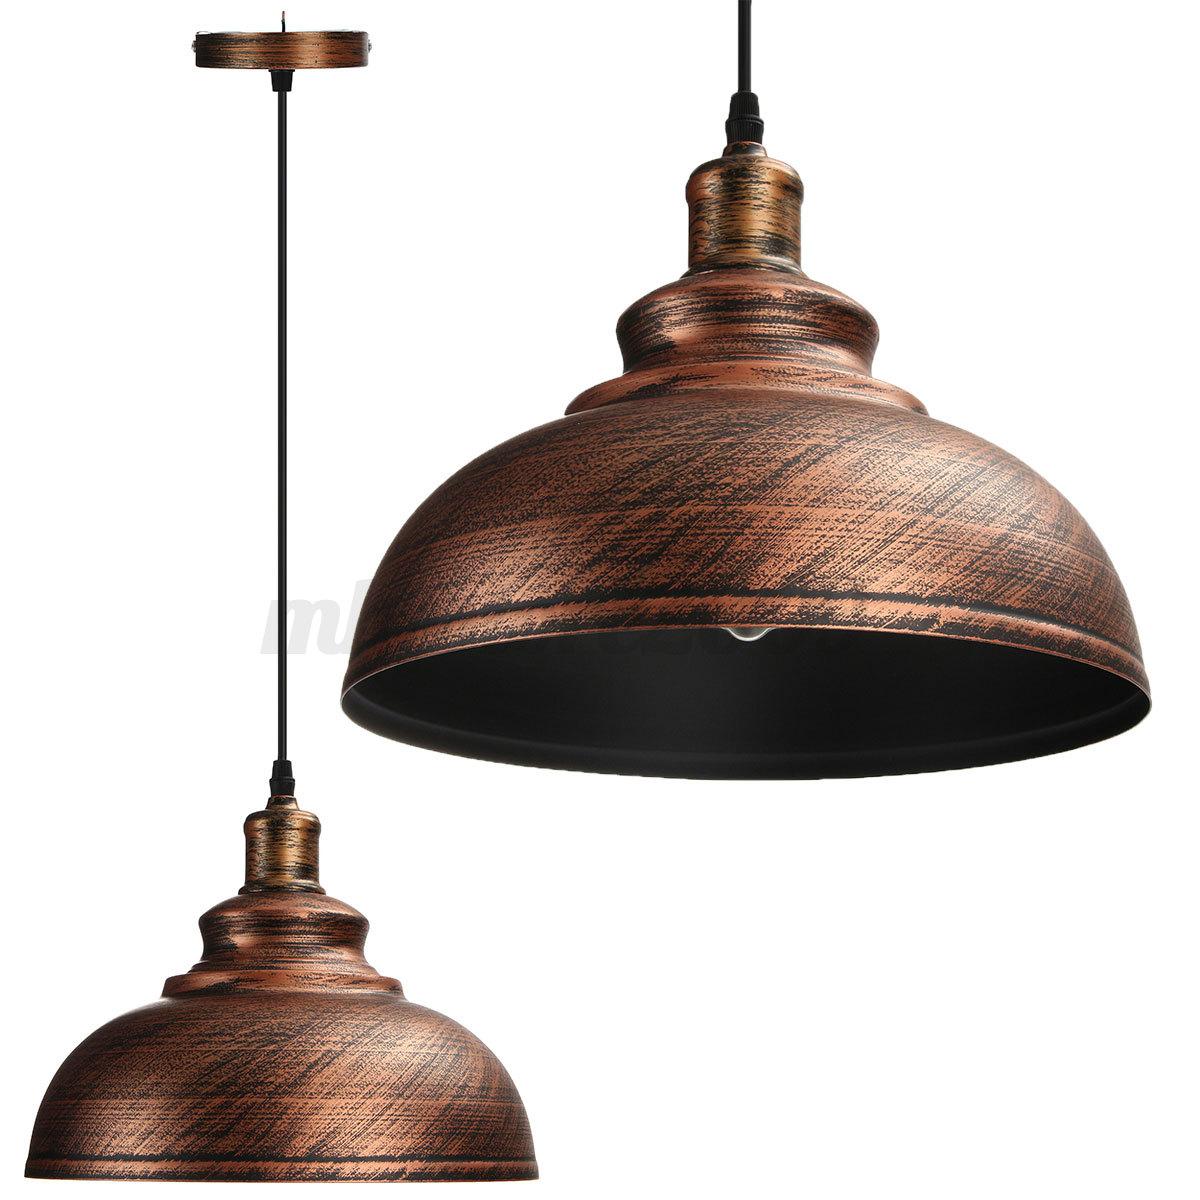 Vintage Industrial Loft Style Ceiling Fixtures Retro Lamp: Vintage Ceiling Light Retro Pendant Lamp Industrial Loft